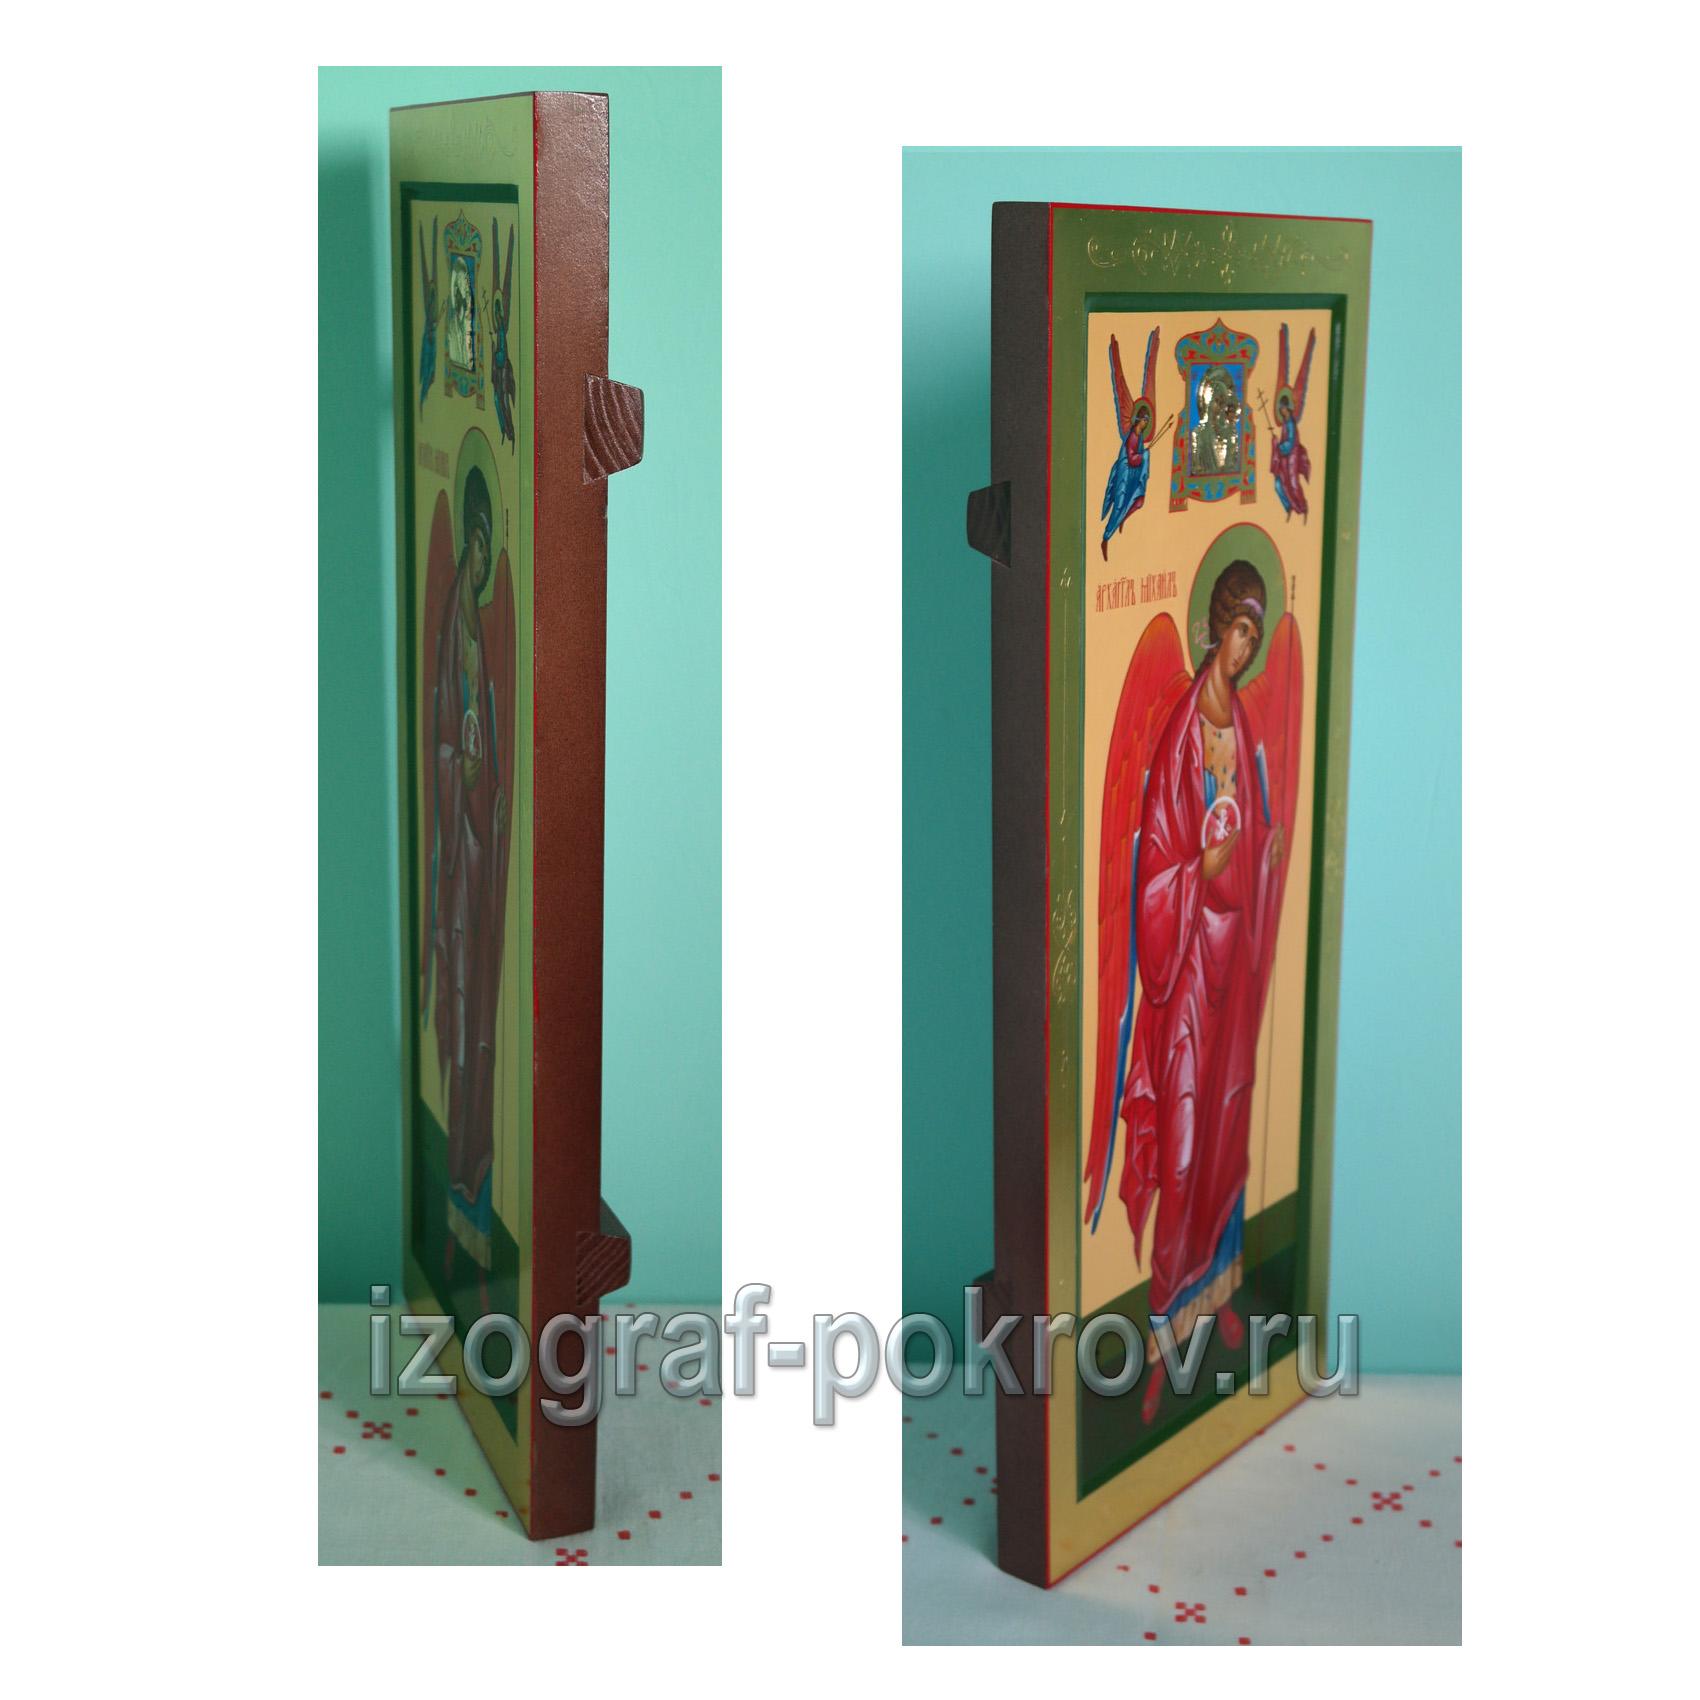 Икона Архангела архистратига Михаила вид сбоку